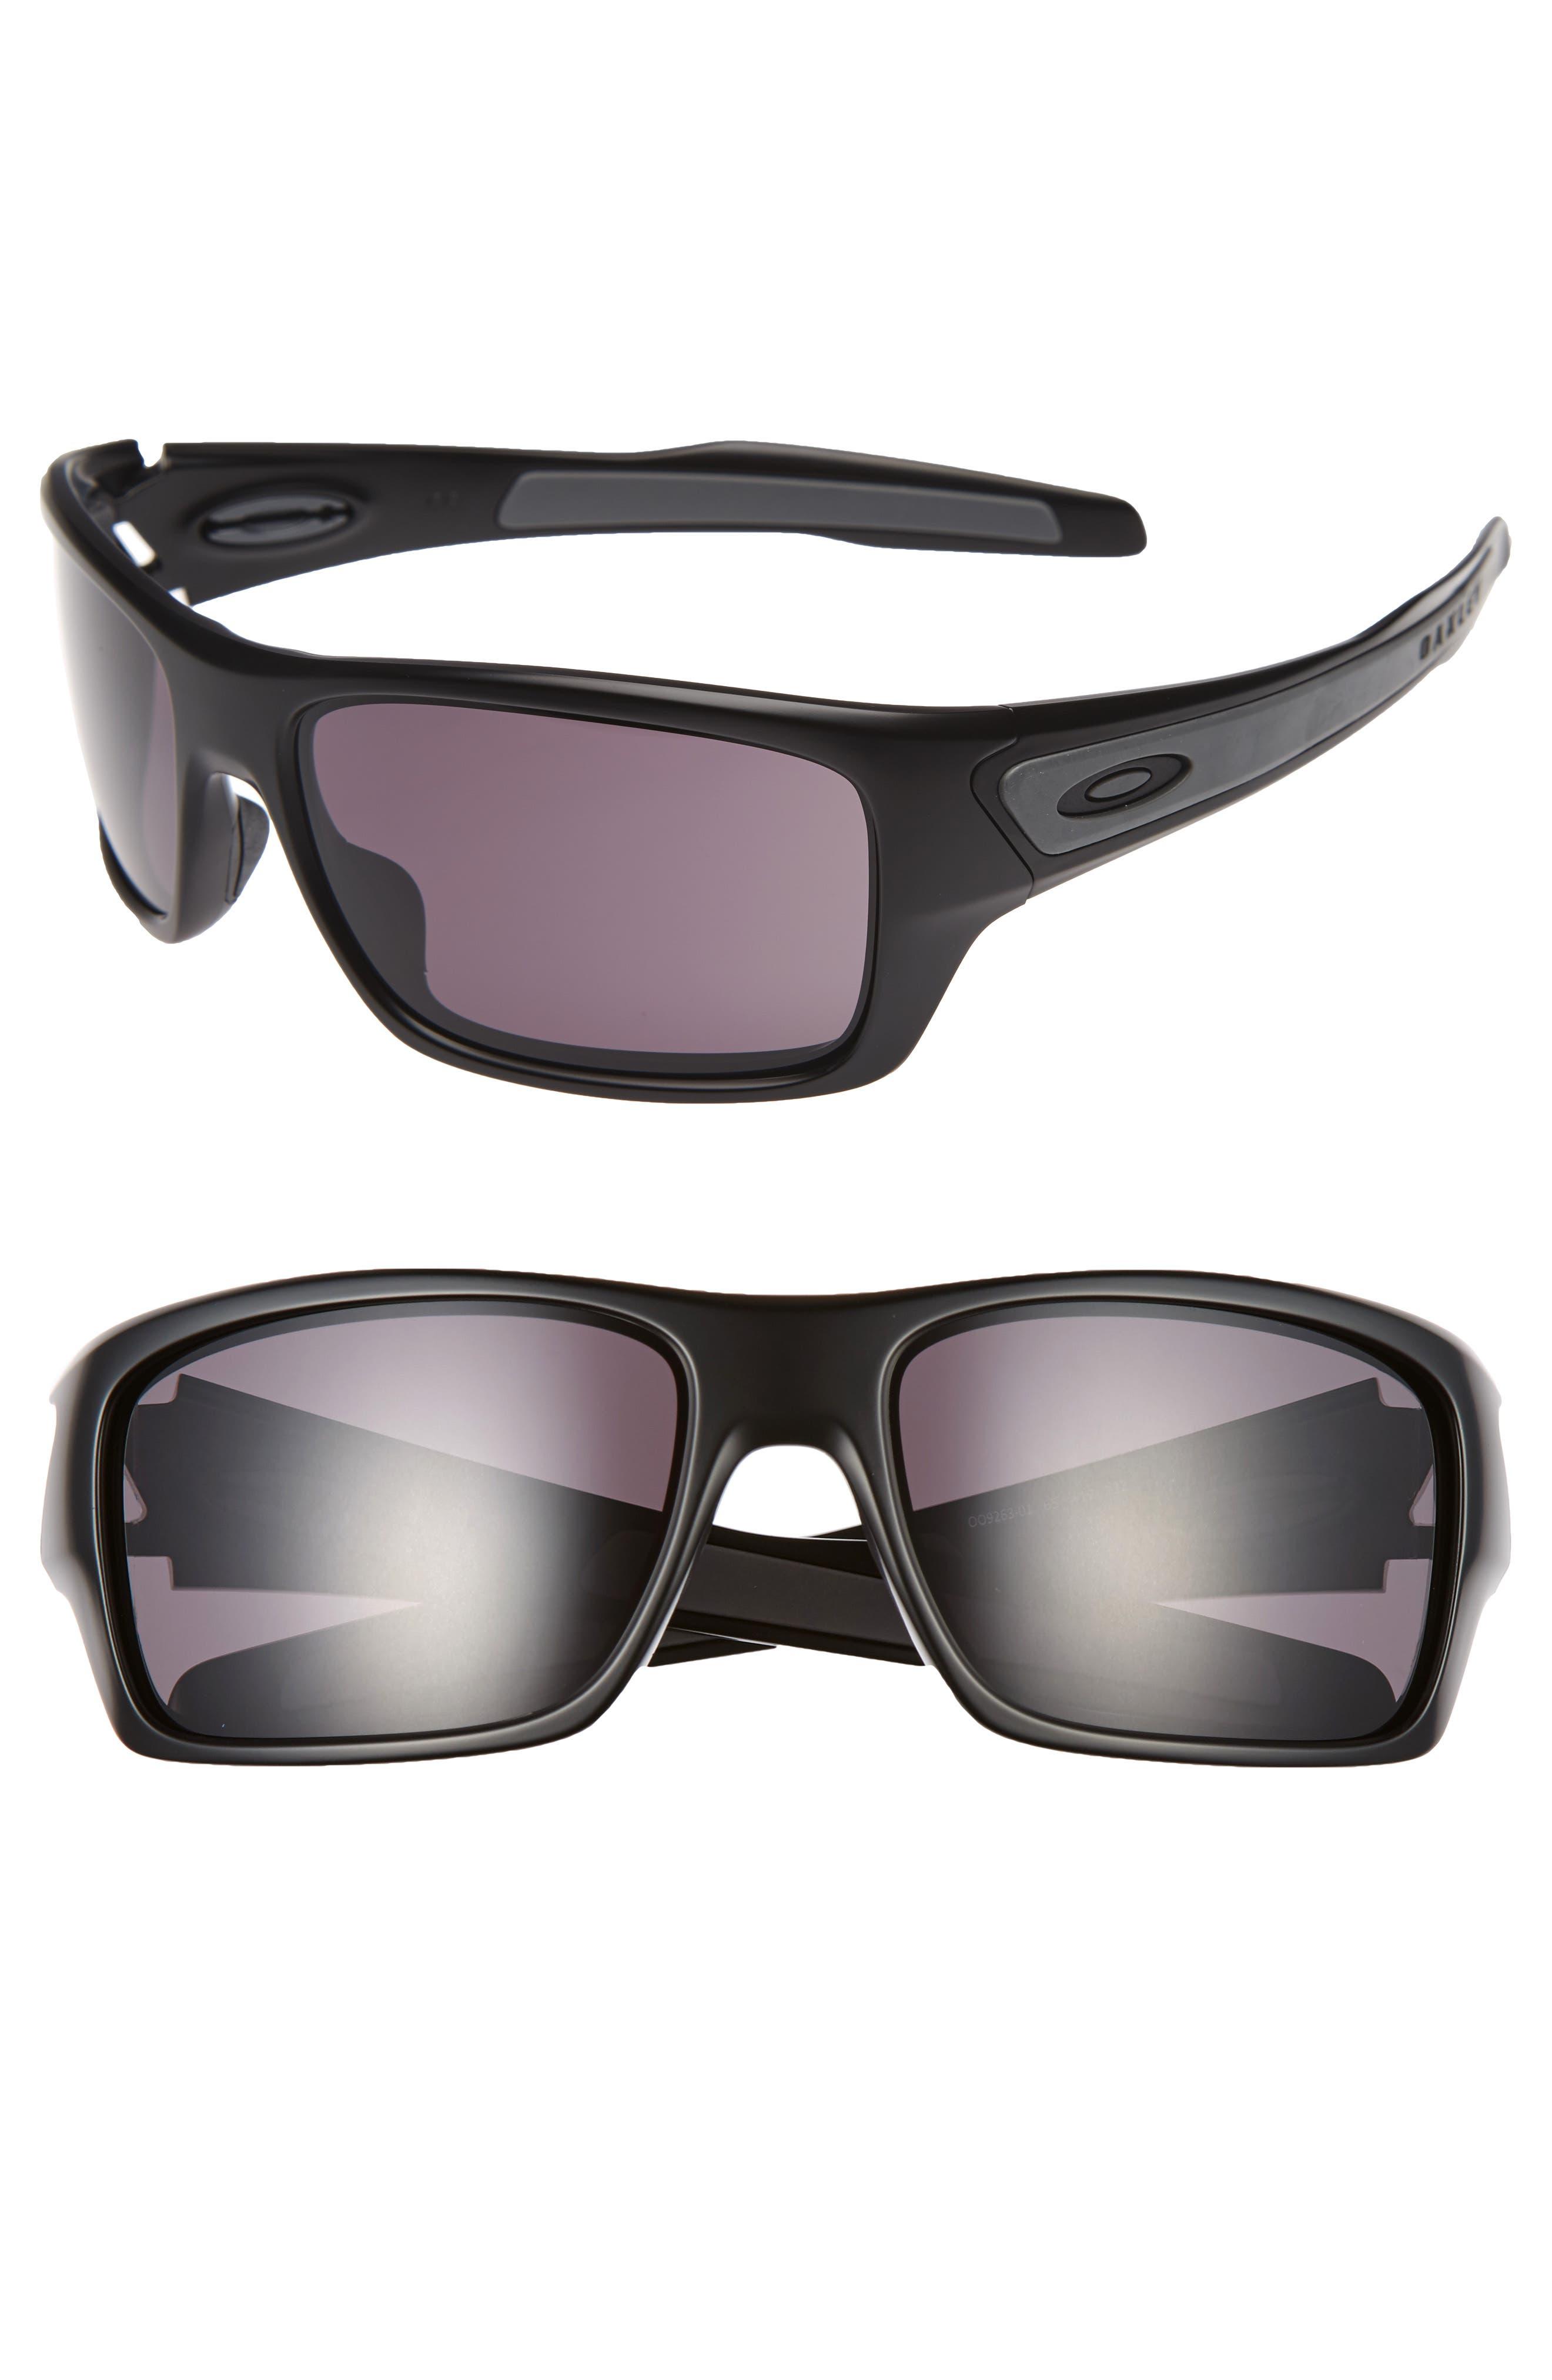 Turbine 65mm Sunglasses,                             Main thumbnail 1, color,                             Black